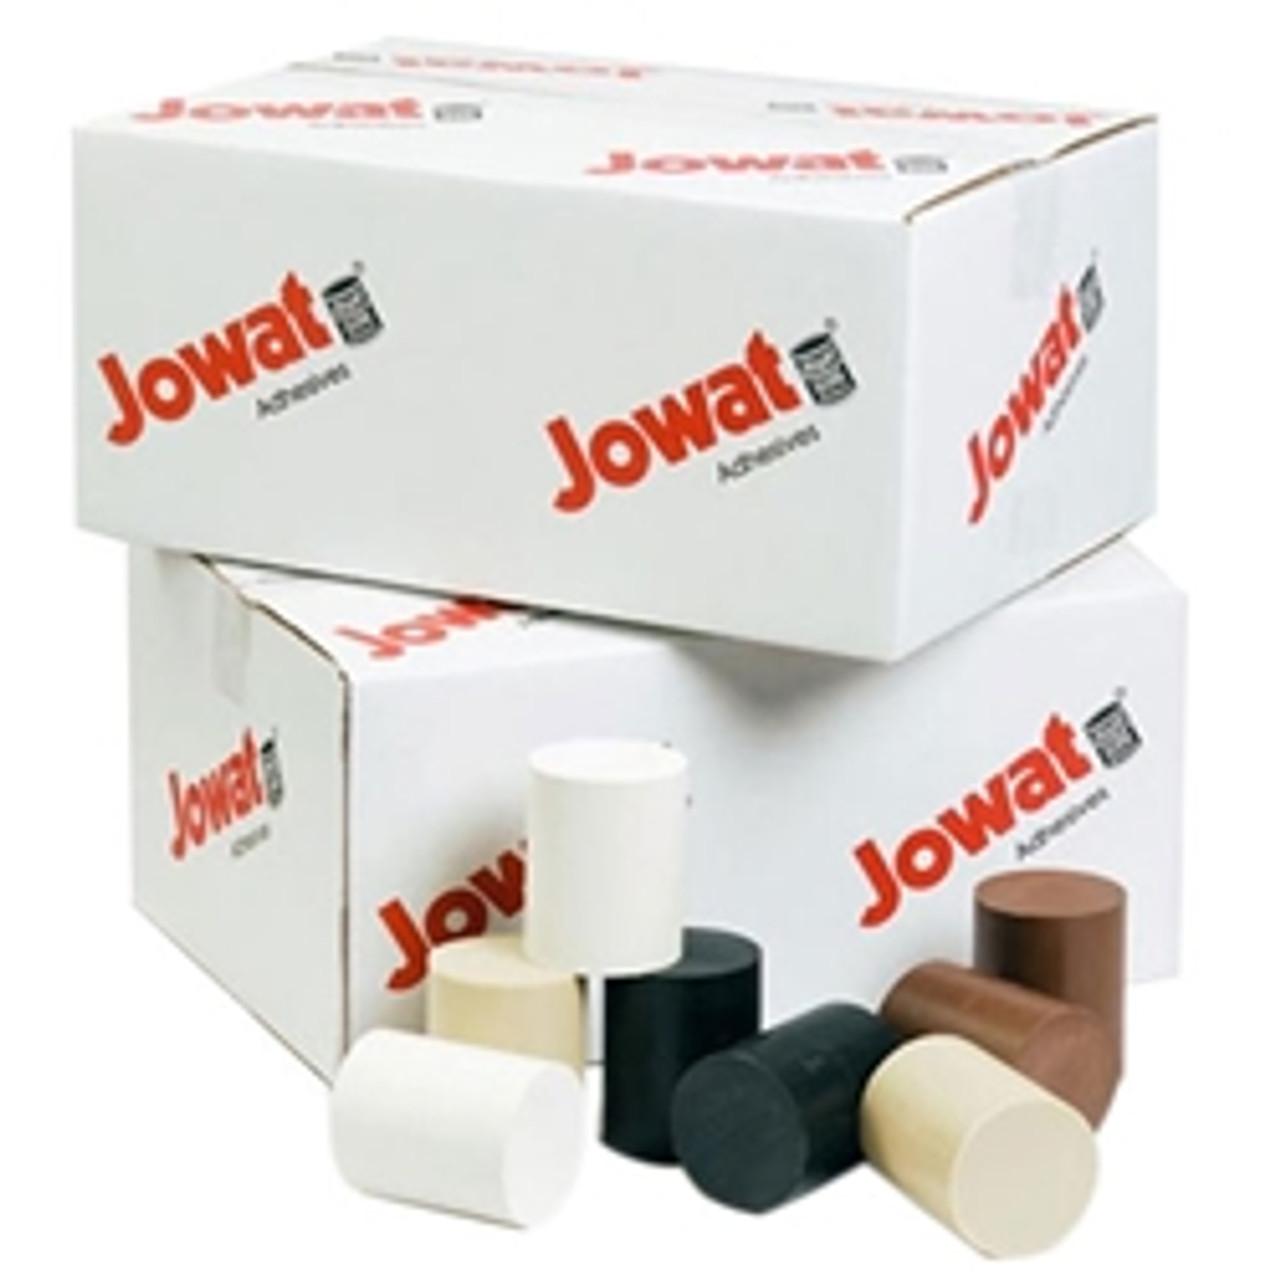 JOWAT28630CRT Jowat Jowatherm Edgebanding Hot Melt Glue Cartidge NATURAL